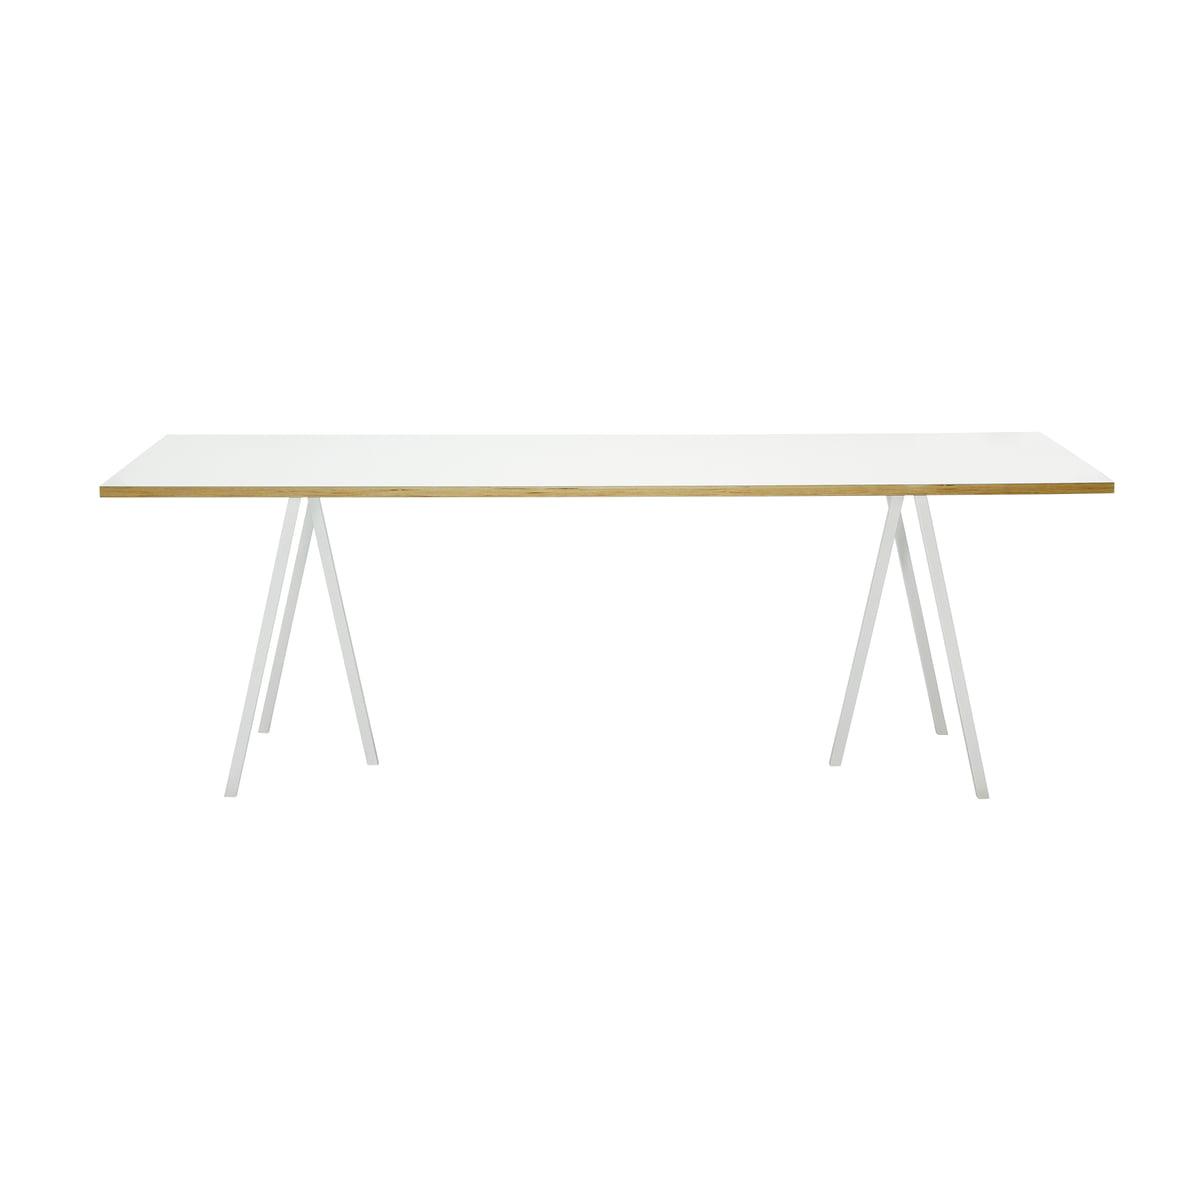 loop stand tisch | hay | shop, Esszimmer dekoo